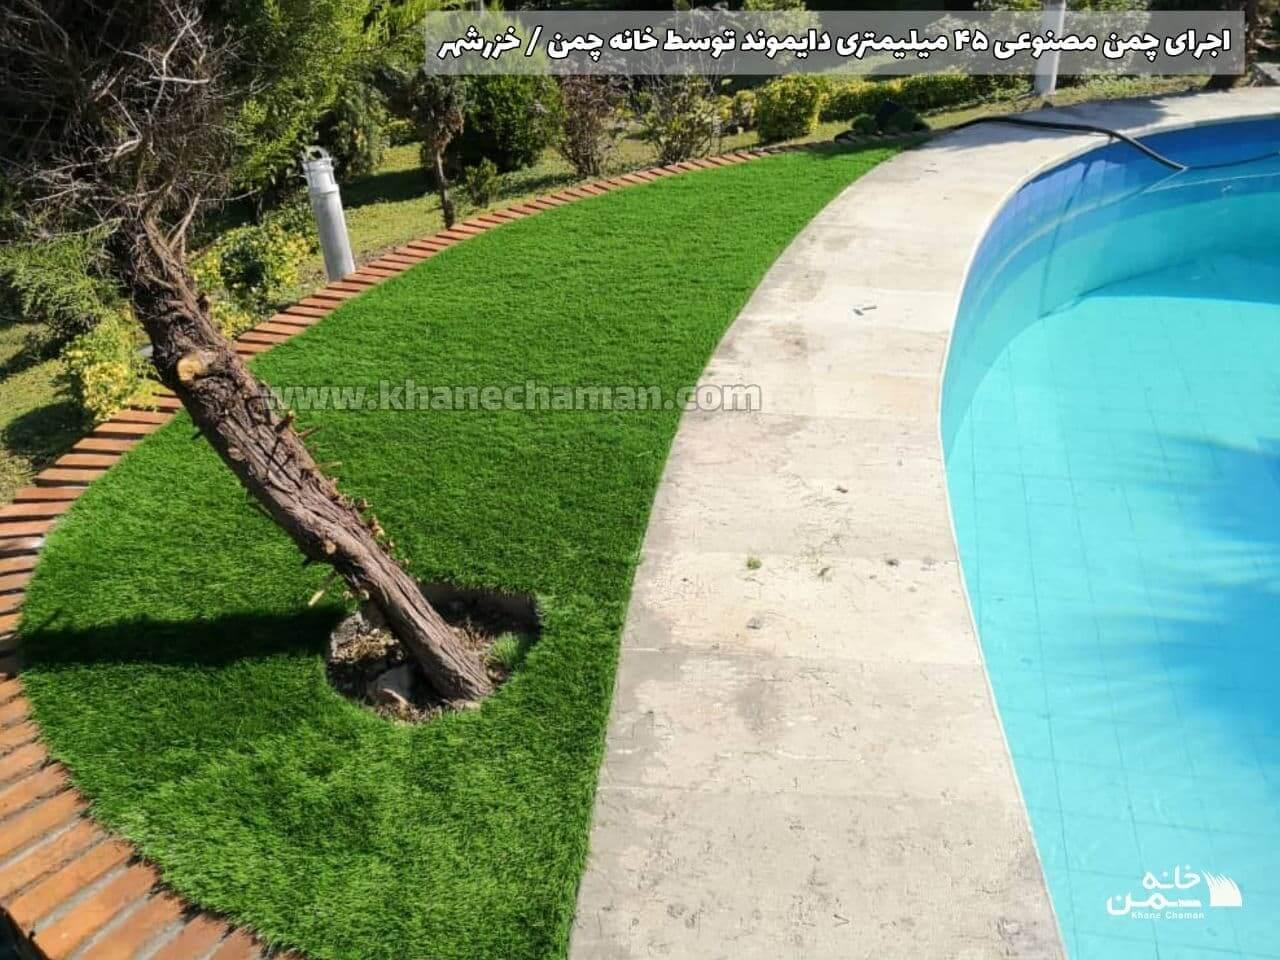 چمن مصنوعی برای دور استخر حیاط